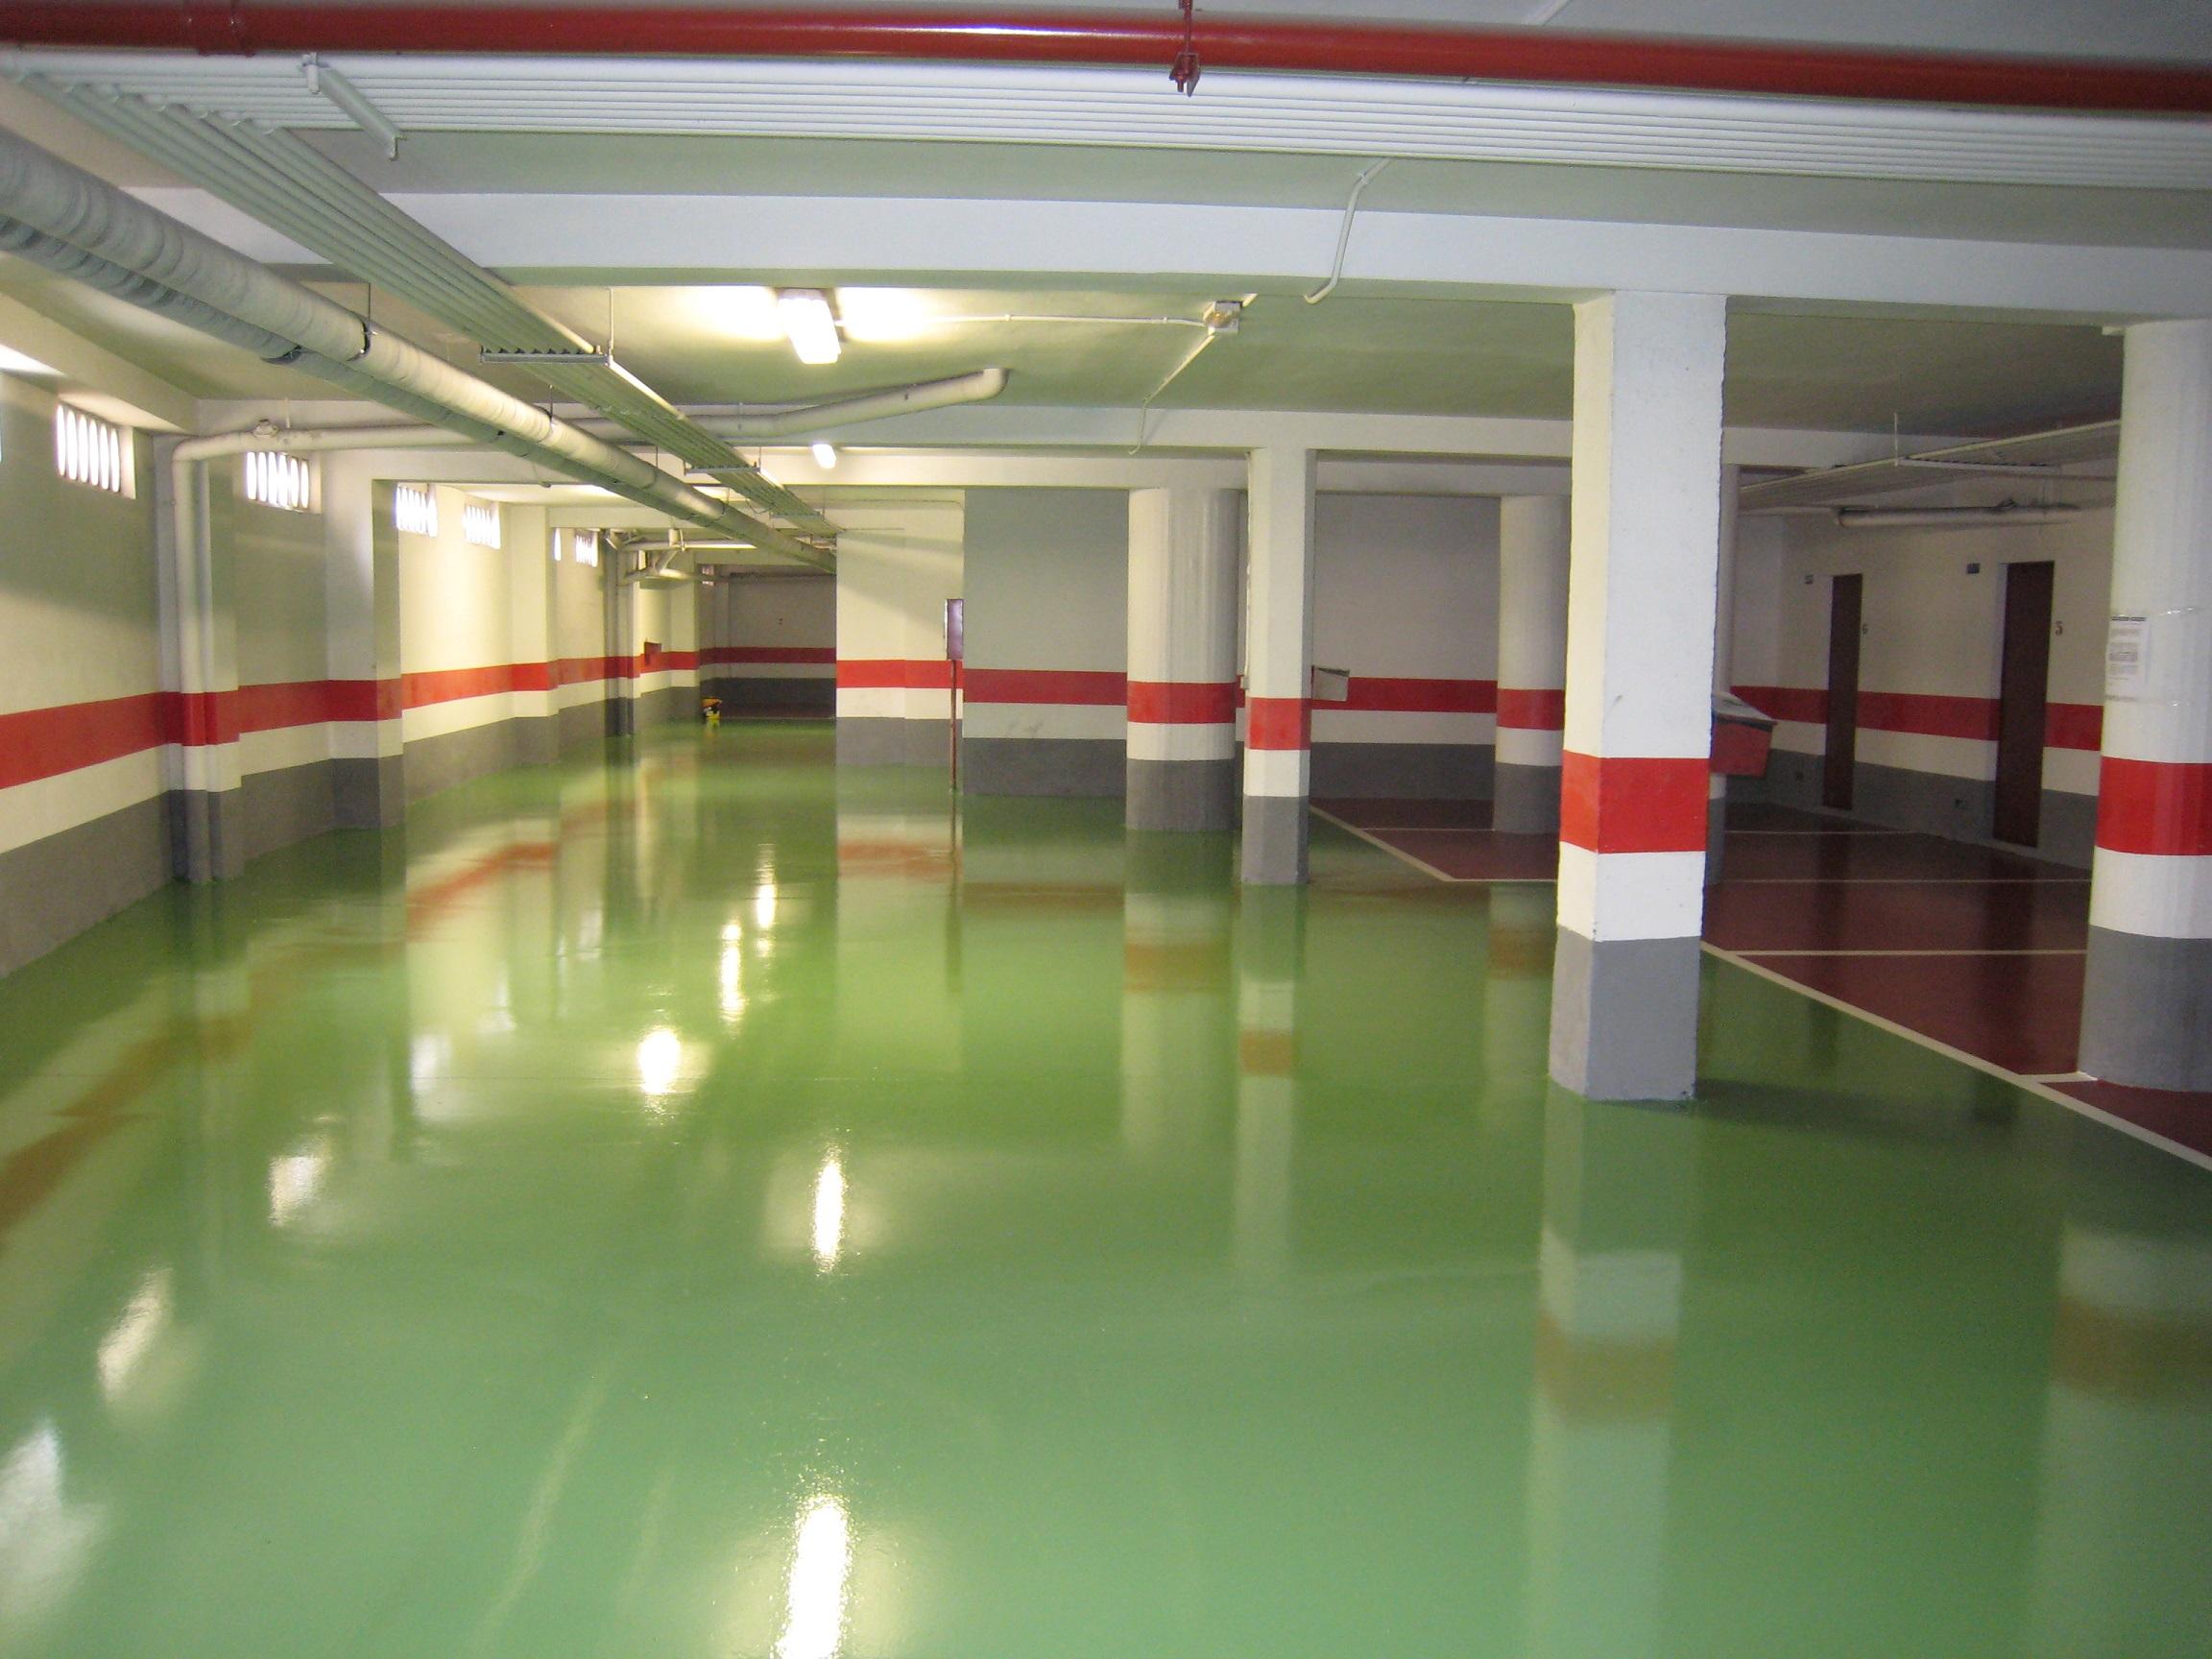 Ref 123 01 pintura especial para suelos de garajes for Pintura para suelos de garaje